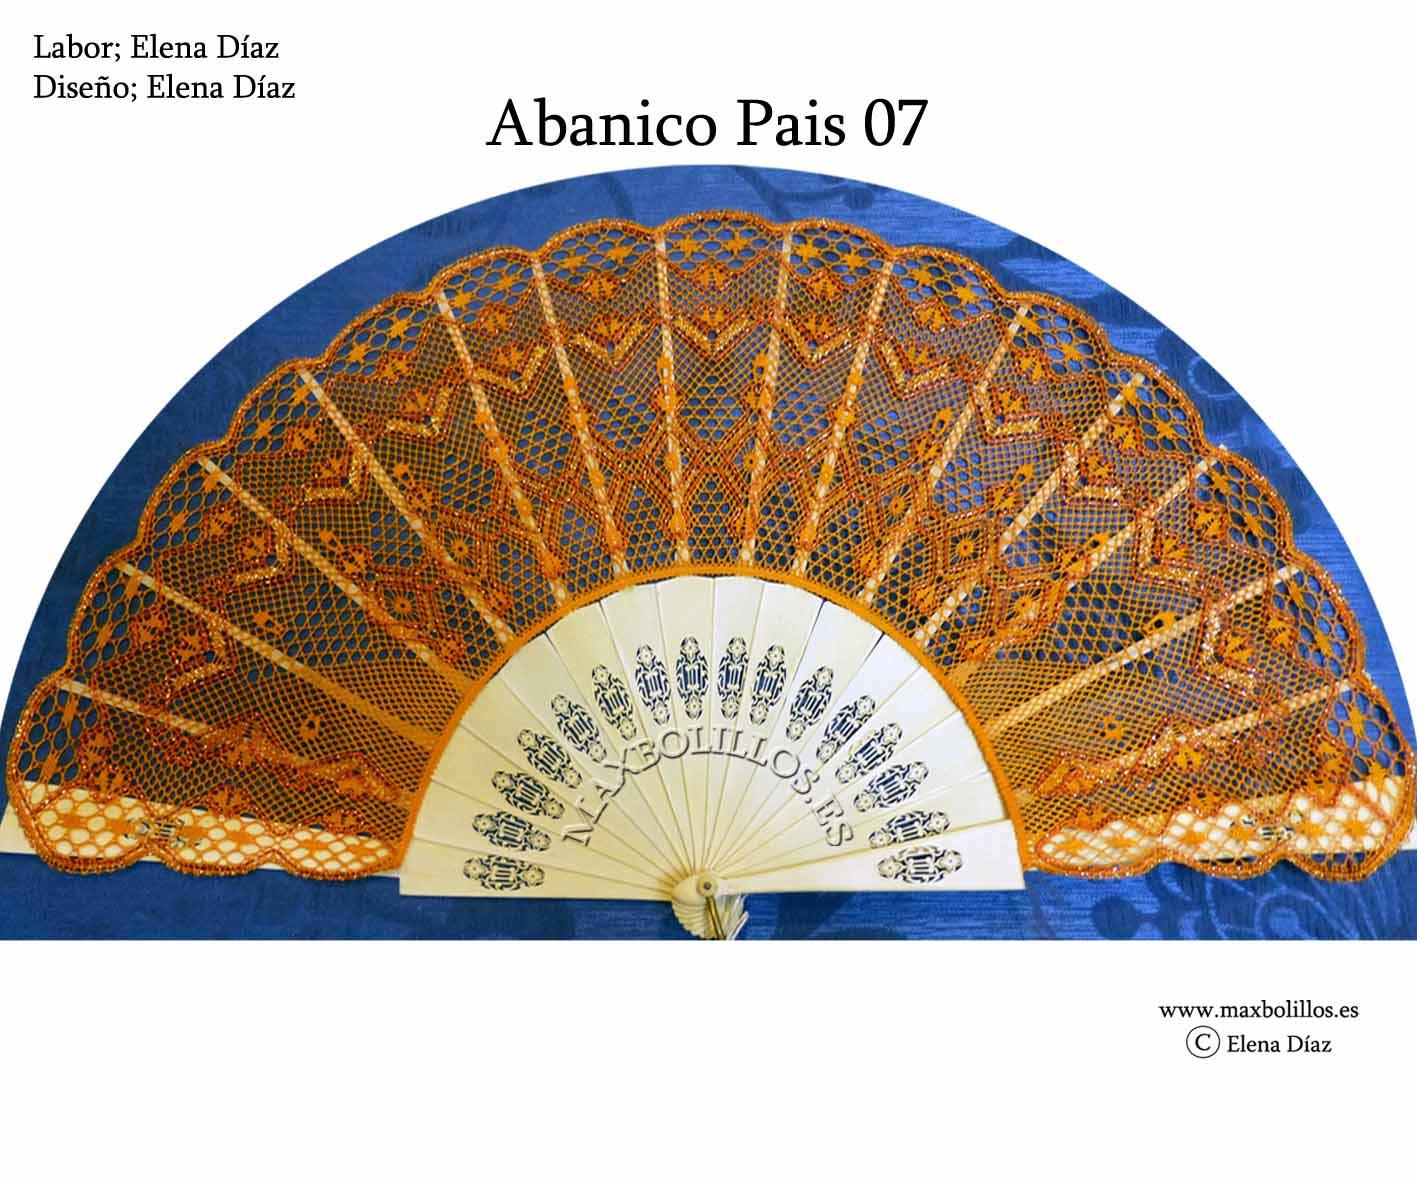 Abanico%2007.jpg